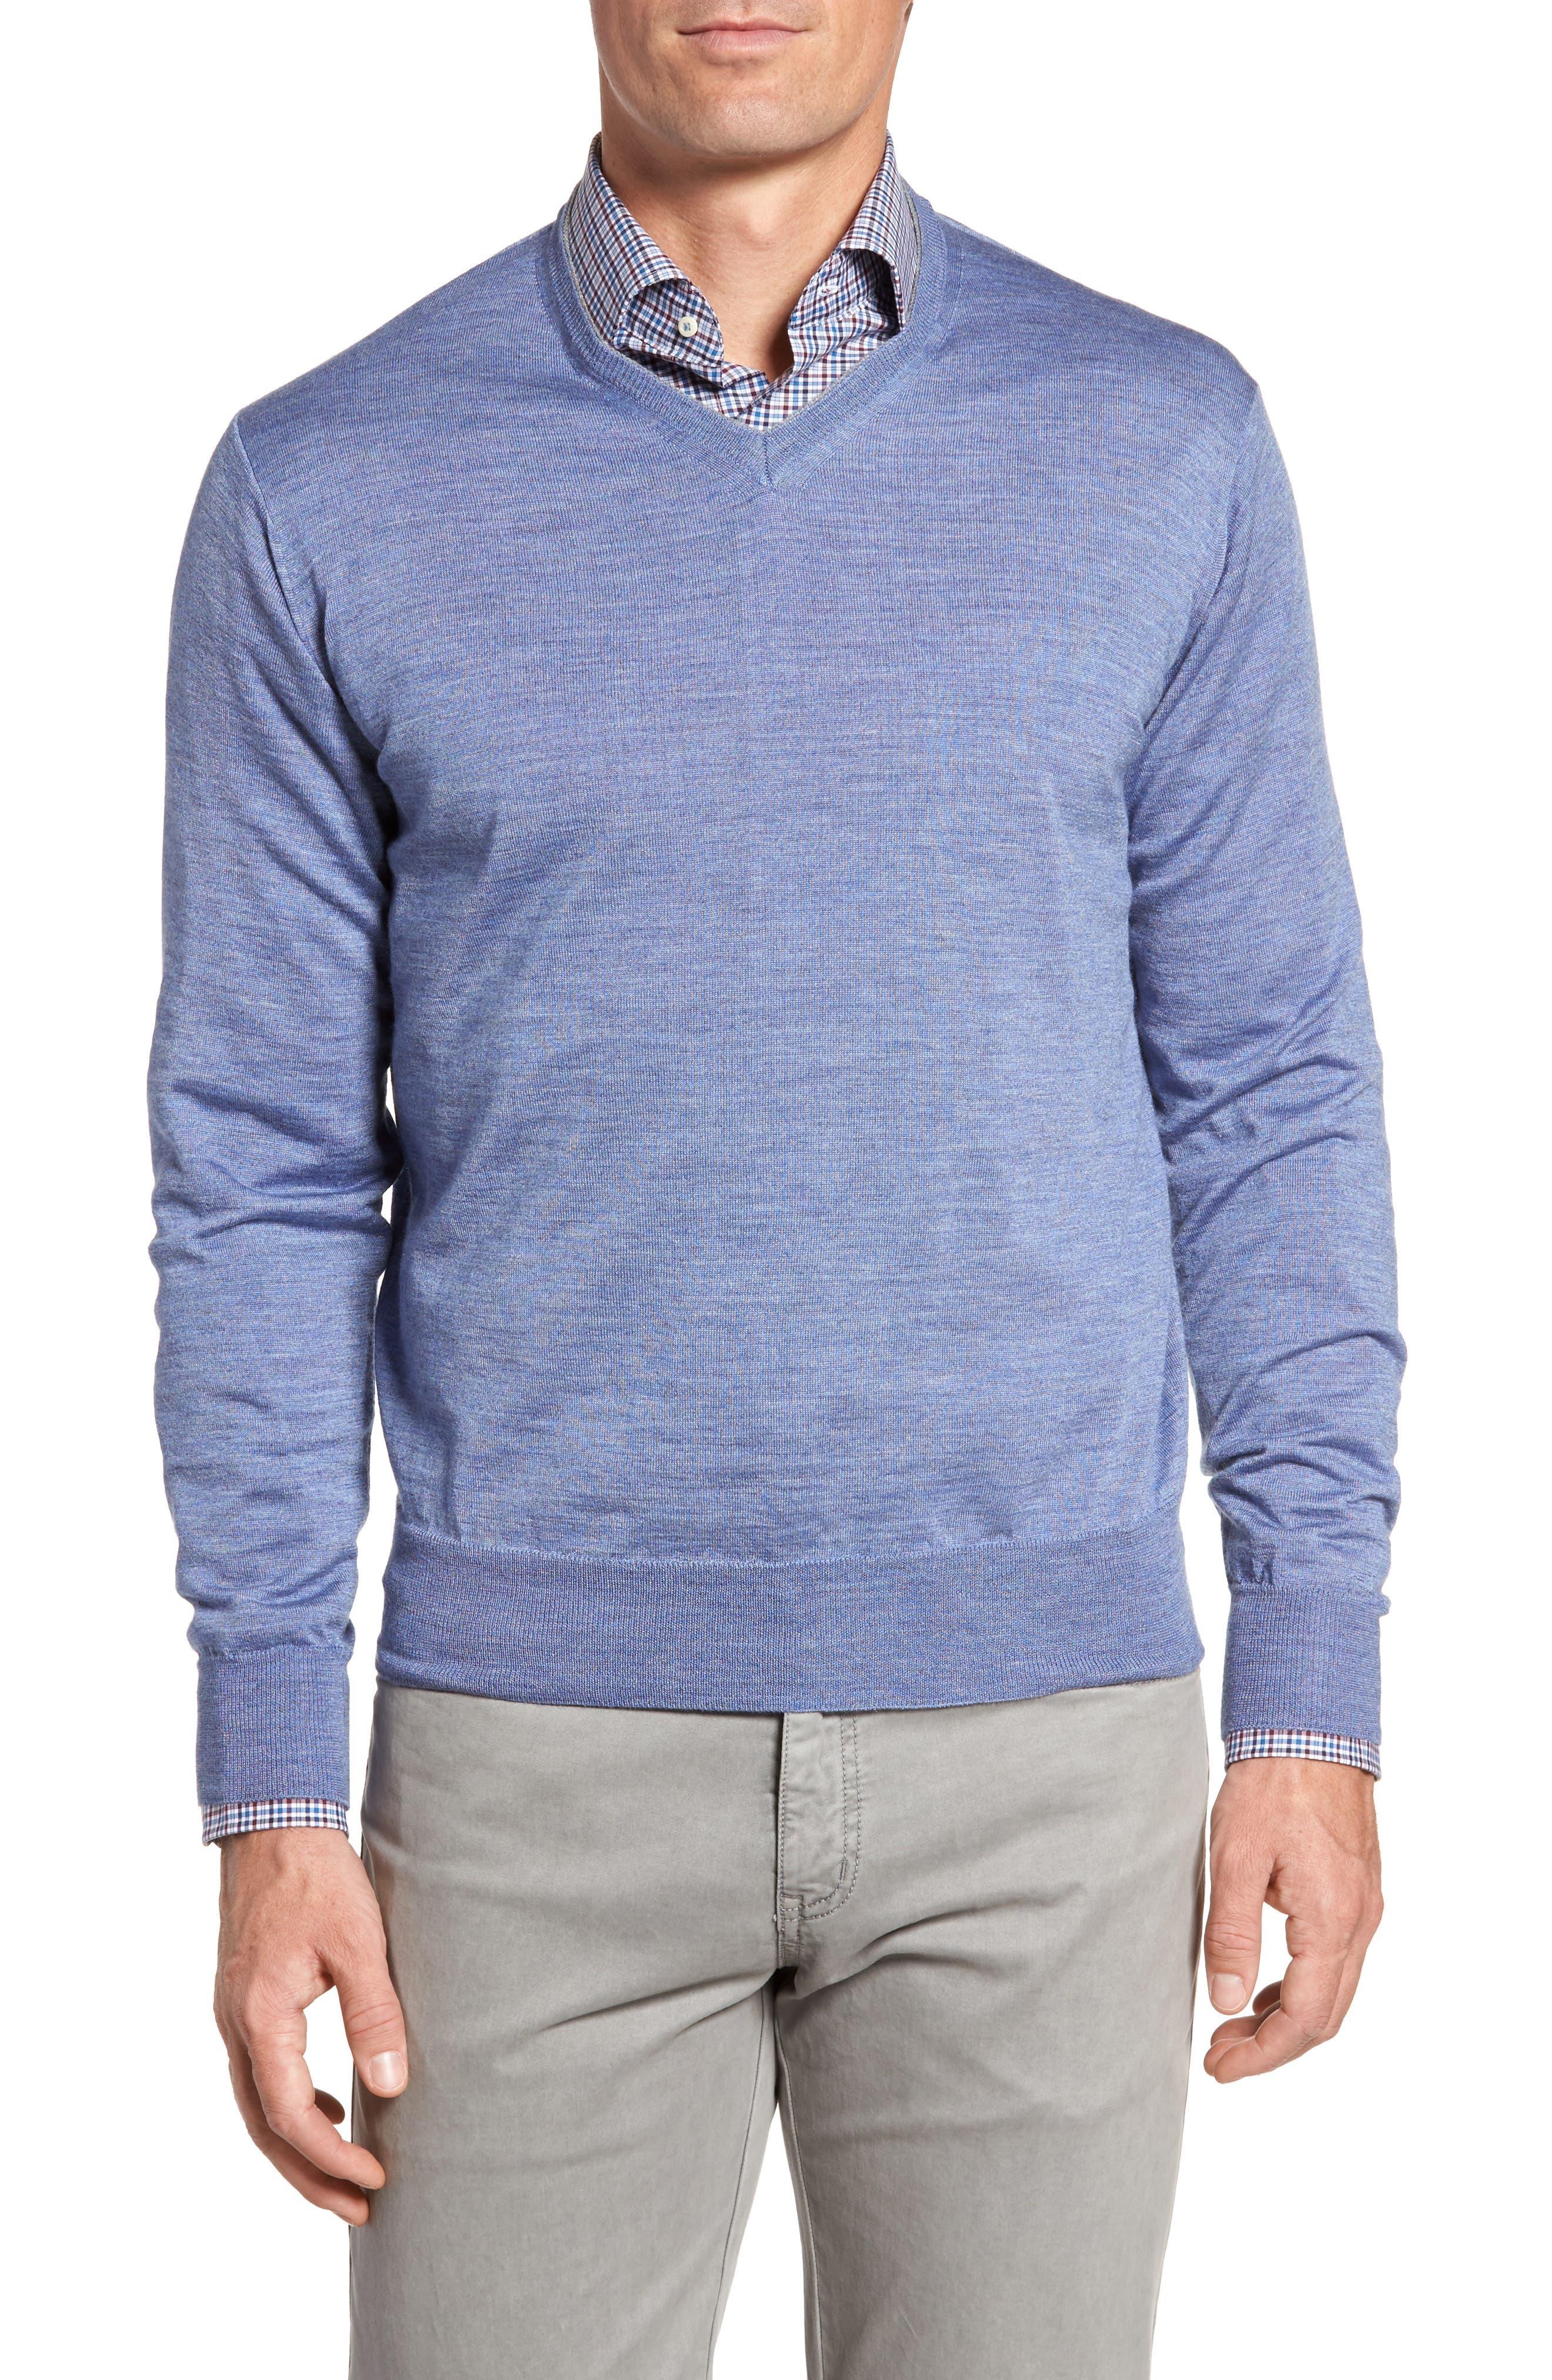 Men's V-Neck Sweaters & Vests | Nordstrom